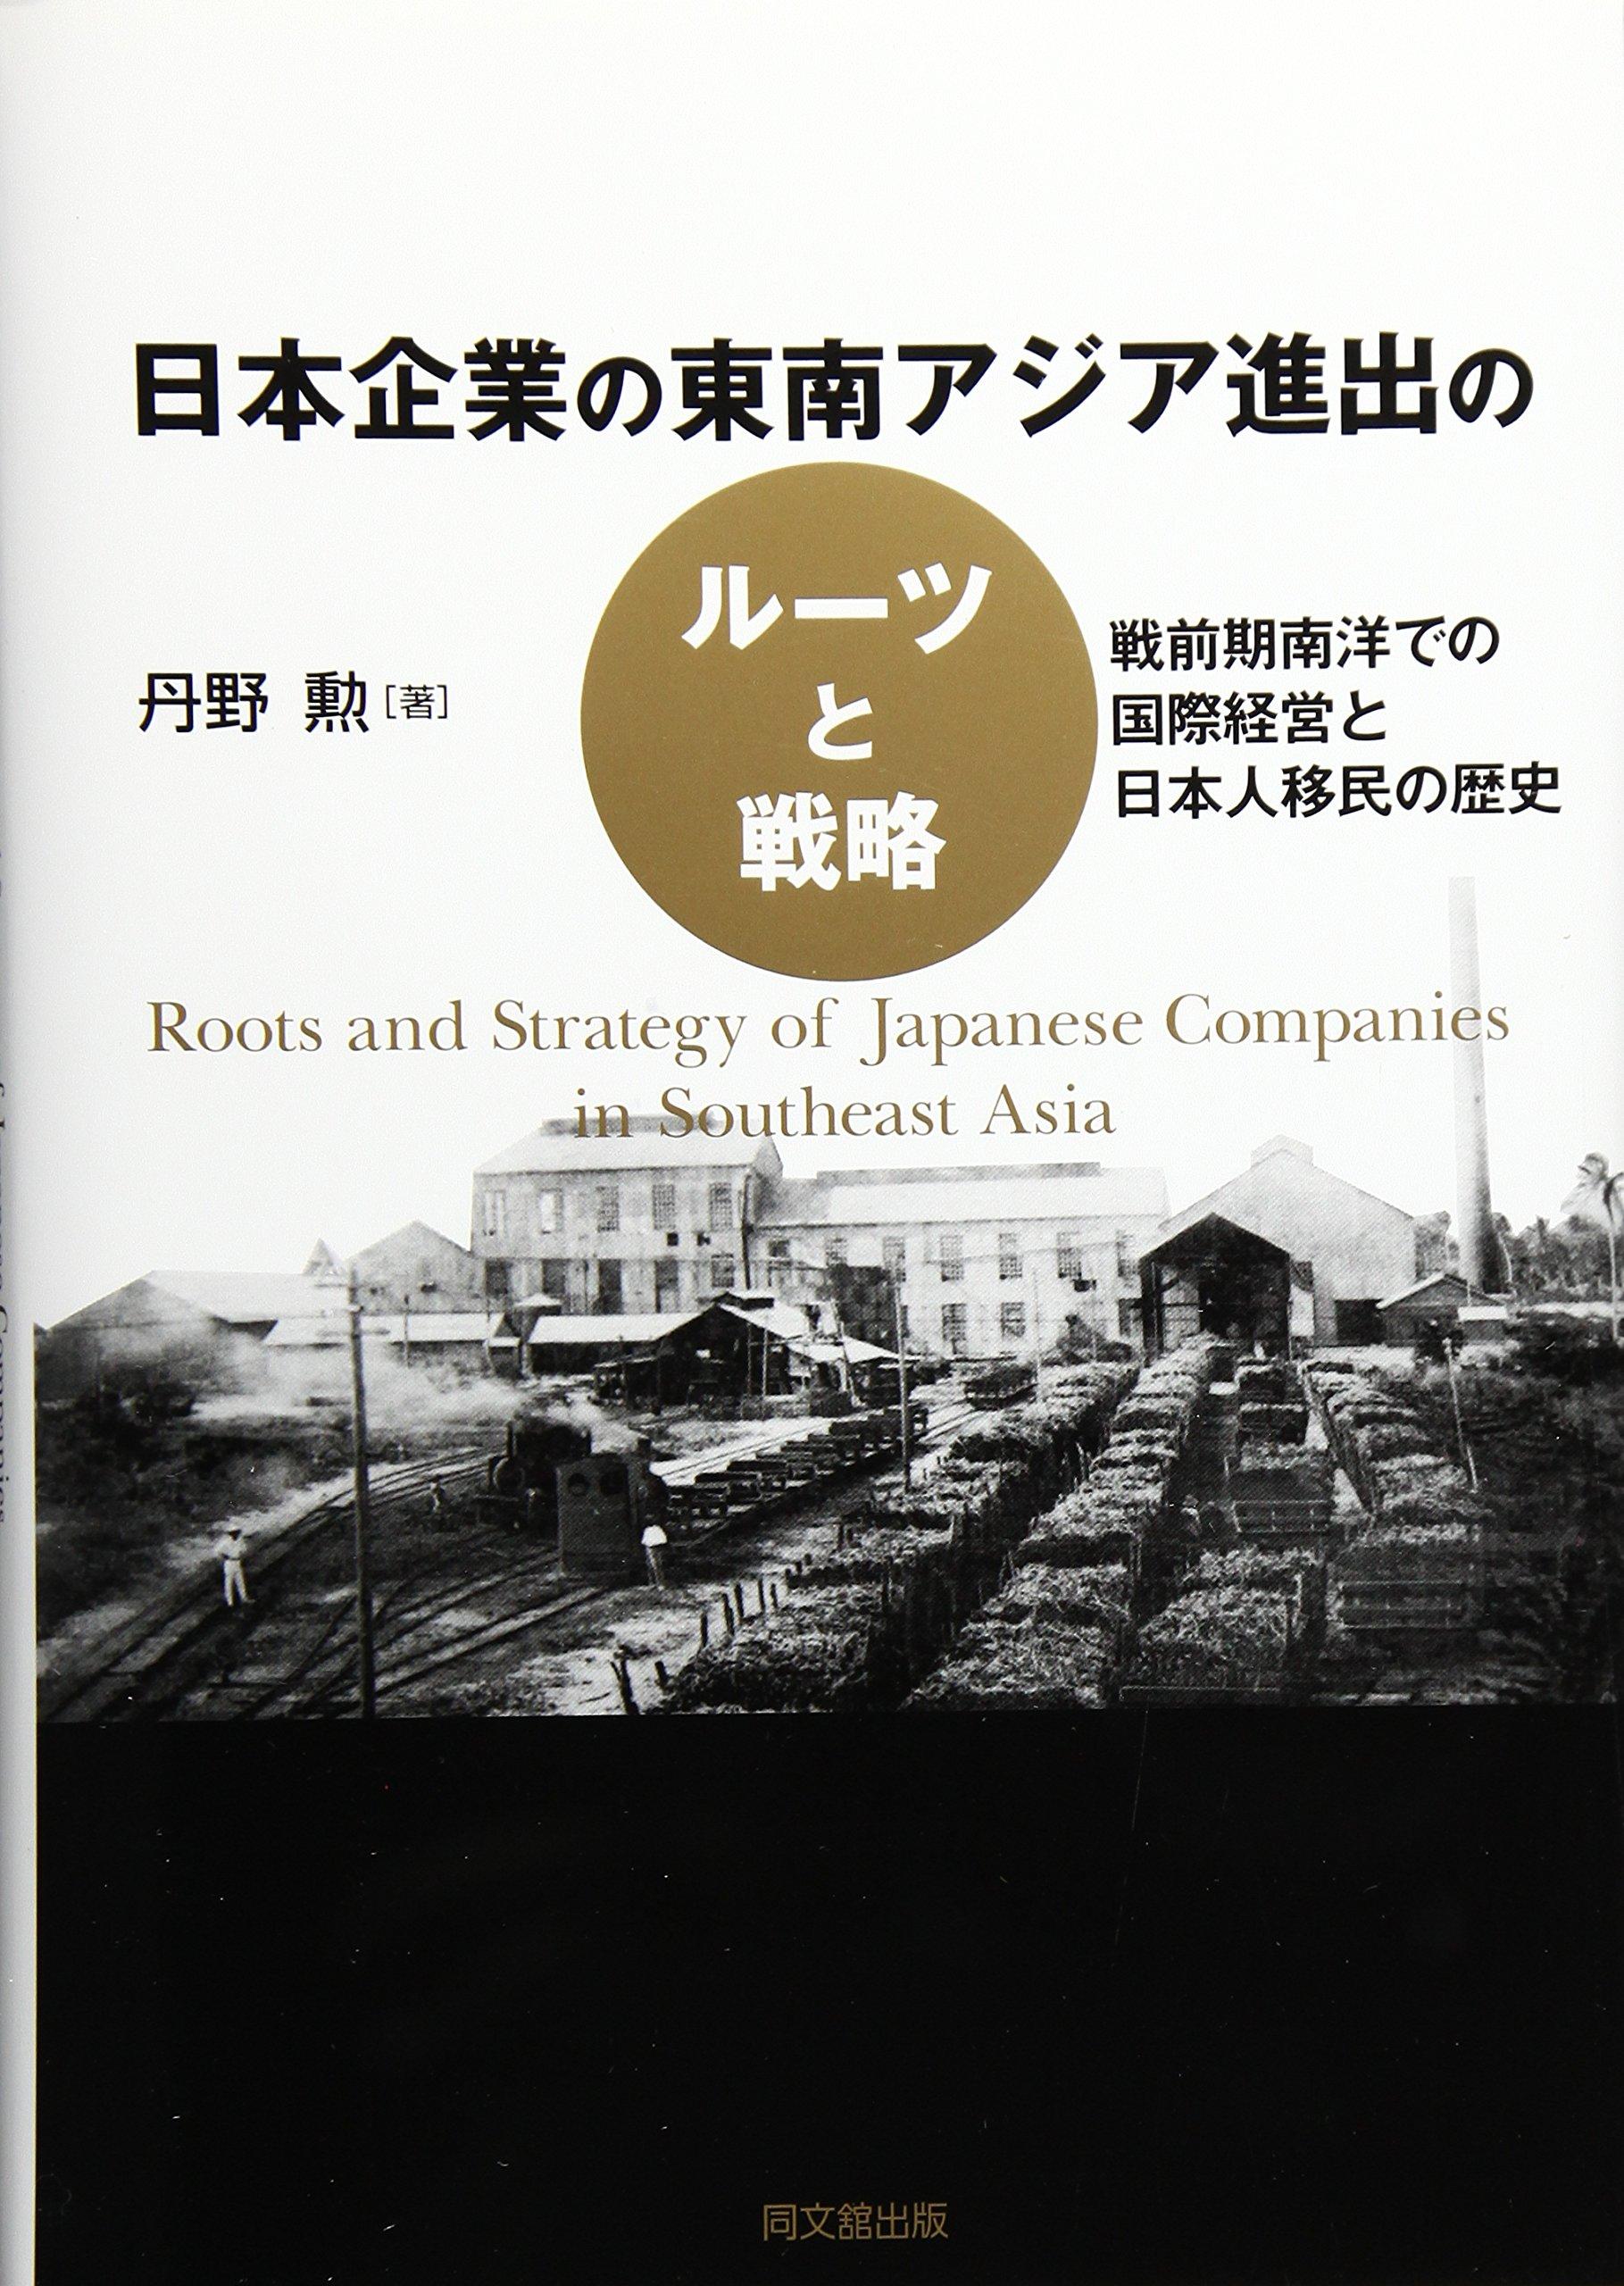 丹野勲(神奈川大学)著『日本企業の東南アジア進出のルーツと戦略-戦前期南洋での国際経営と日本人移民の歴史-』